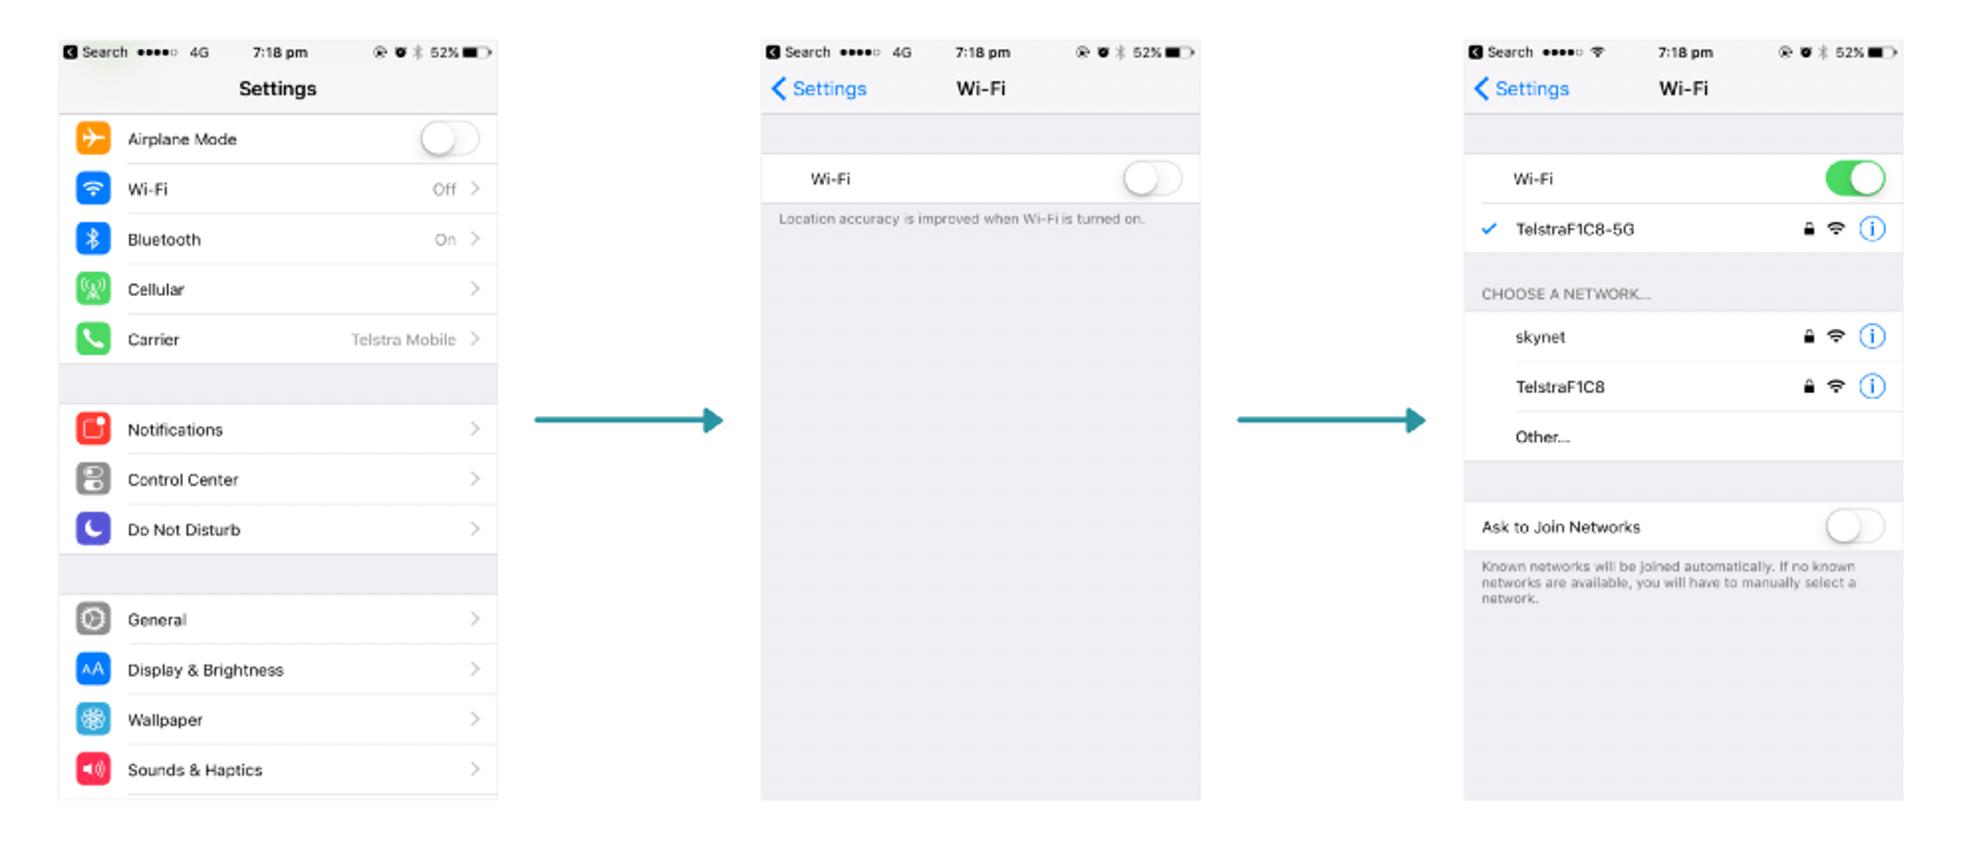 """Einstellungen-App auf dem iPhone, zuerst der Screen mit allen Überkategorien, dann der Screen """"Wi-Fi"""", der nur die ausgeschaltete Option """"Wi-Fi"""" beinhaltet, und bei aktivierter Option ein Screen mit weiteren Wi-Fi-Einstellungen."""